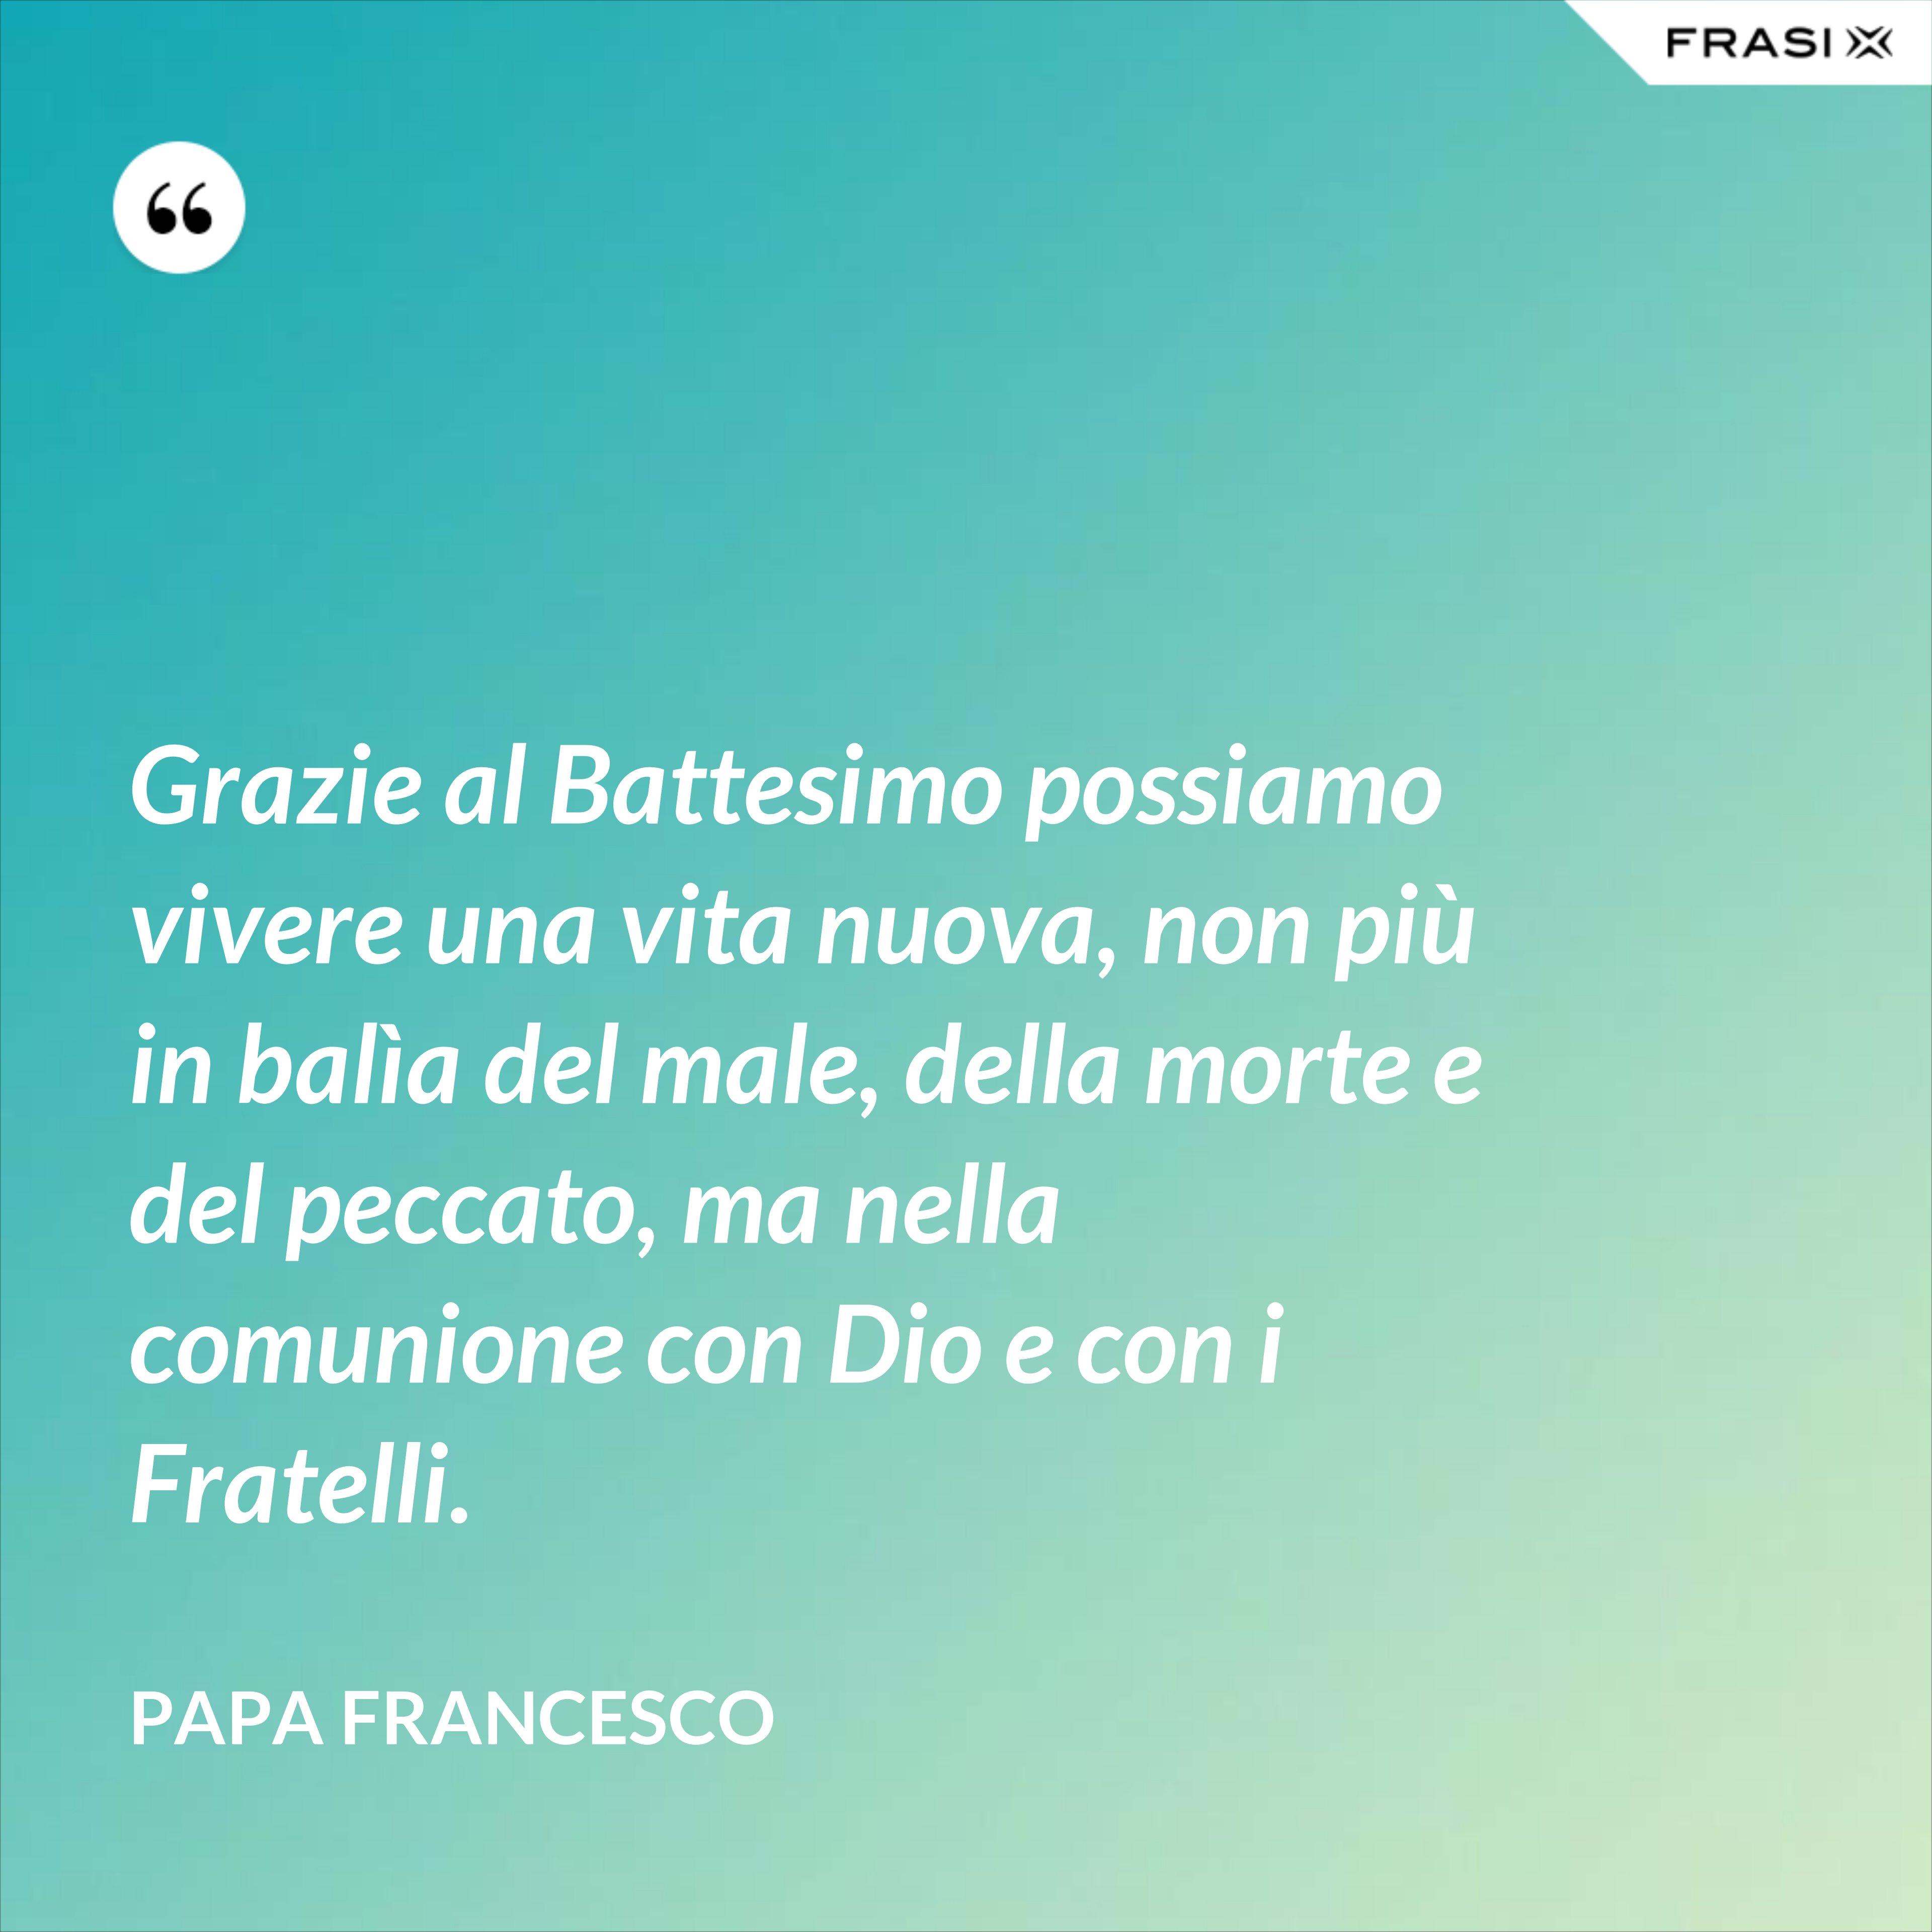 Grazie al Battesimo possiamo vivere una vita nuova, non più in balìa del male, della morte e del peccato, ma nella comunione con Dio e con i Fratelli. - Papa Francesco